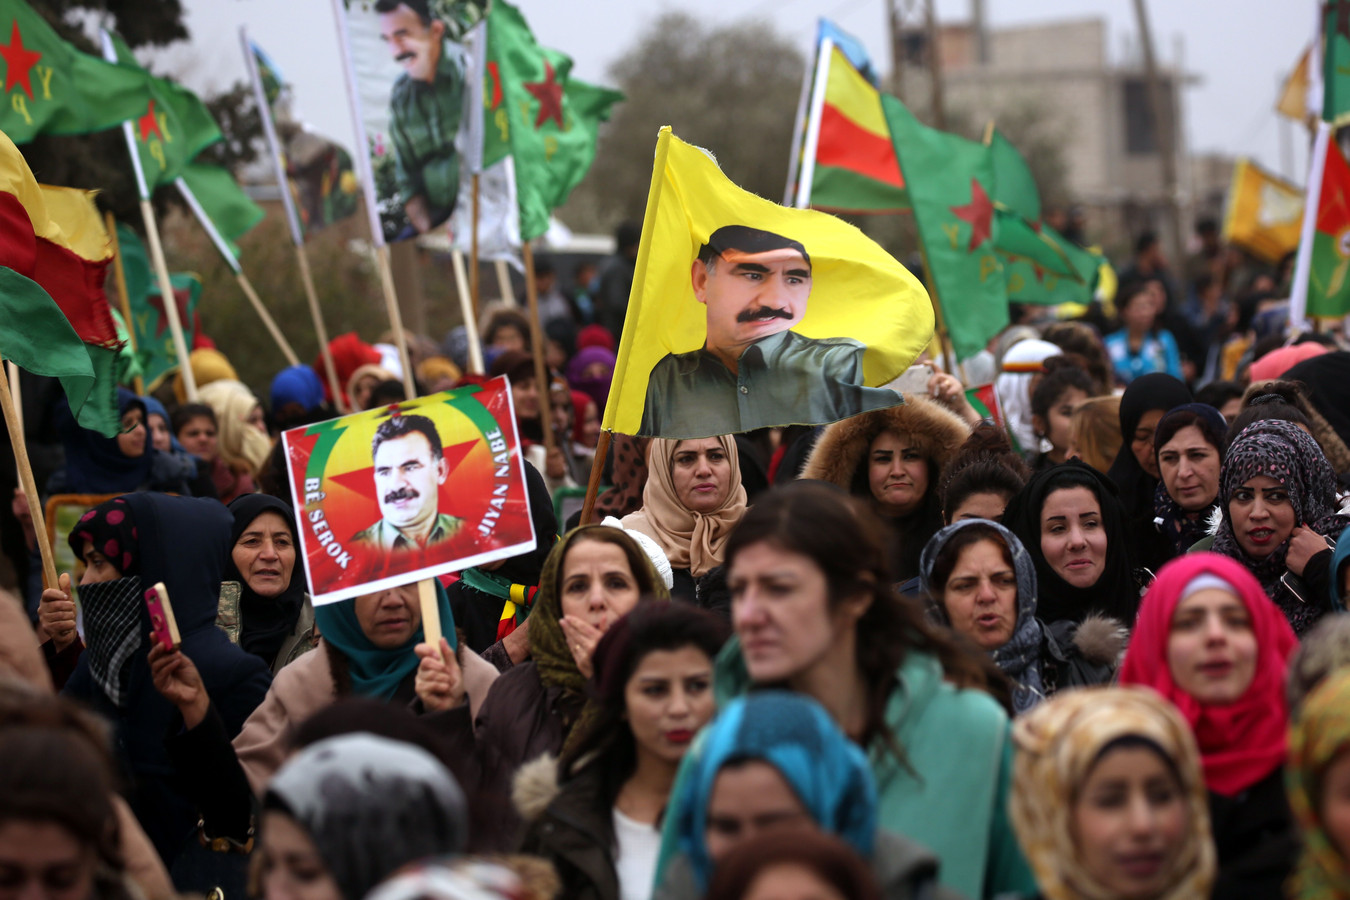 Syrische Koerden protesteren tegen de Turkse inval met een portret van PKK-leider Abdullah Öcalan, die in Turkije een levenslange gevangenisstraf uitzit.